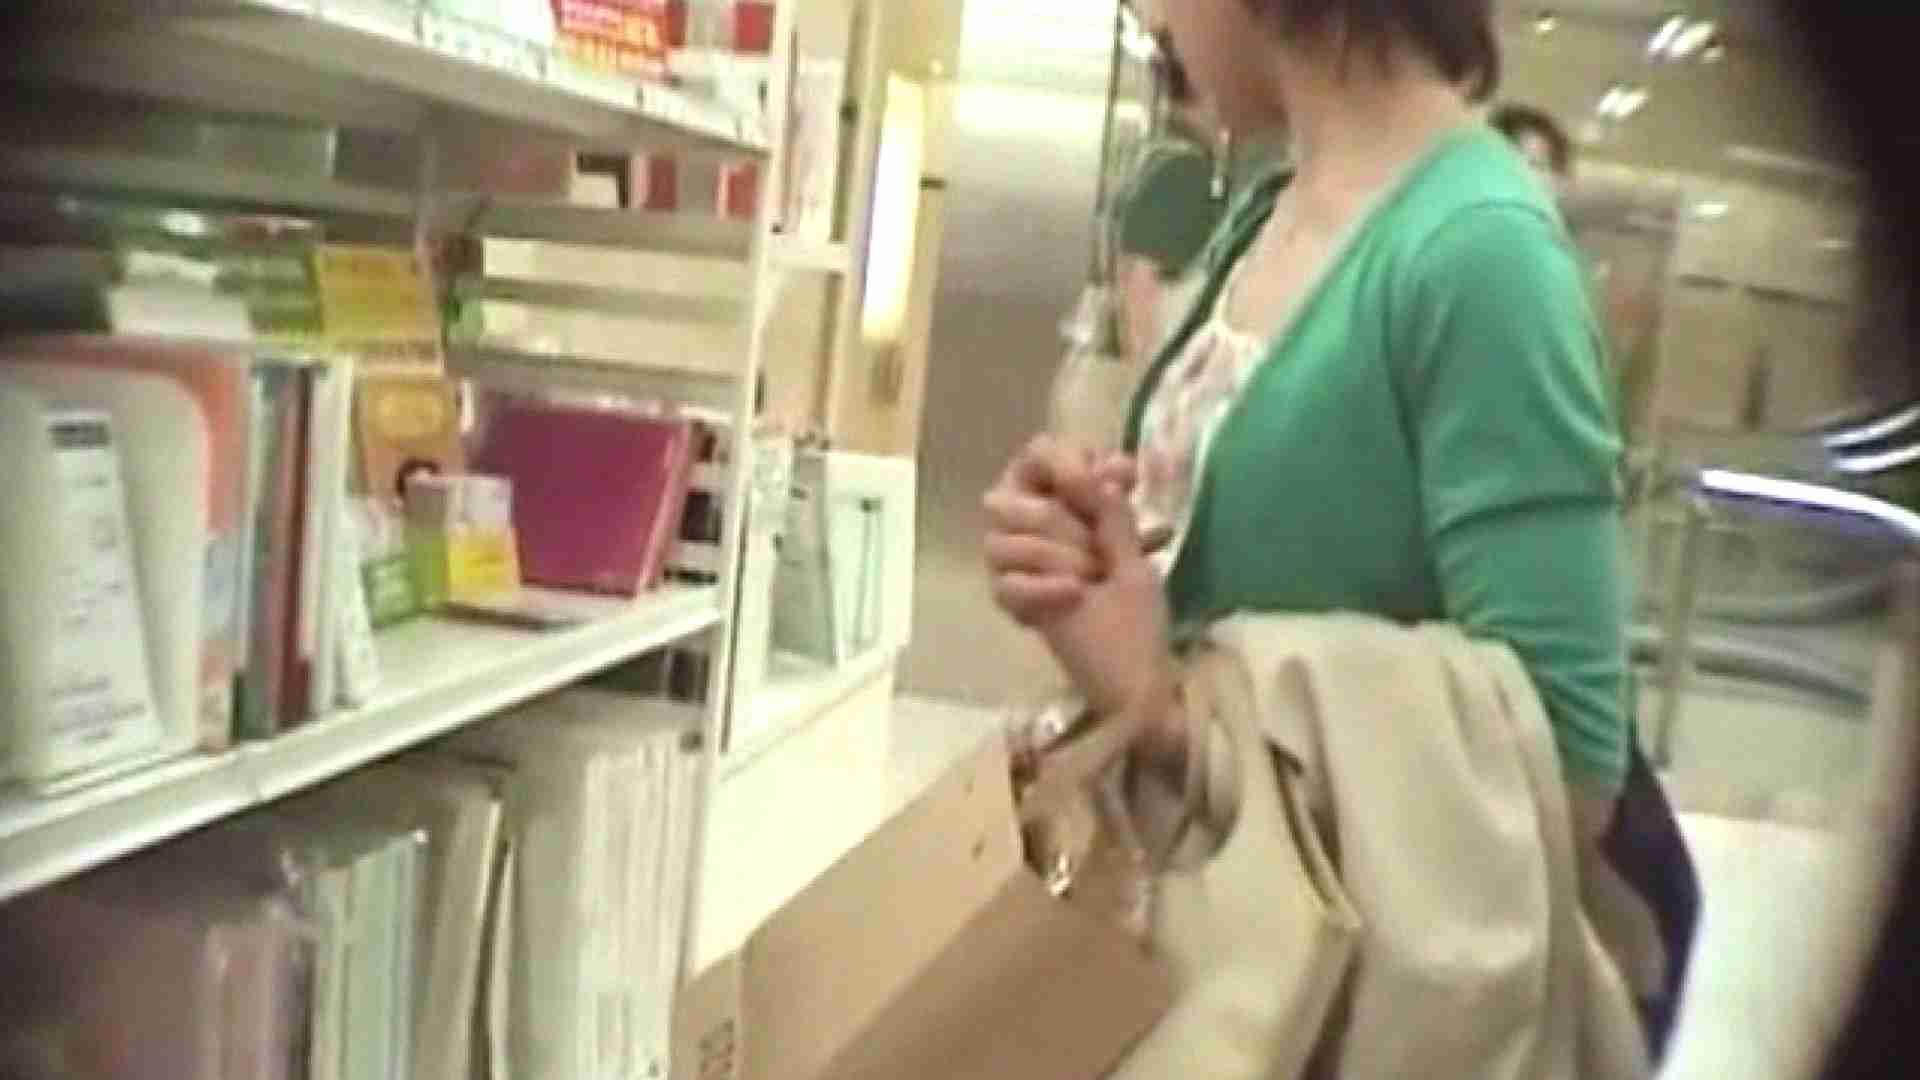 真剣に買い物中のgal達を上から下から狙います。vol.06 隠撮 ワレメ動画紹介 89pic 2